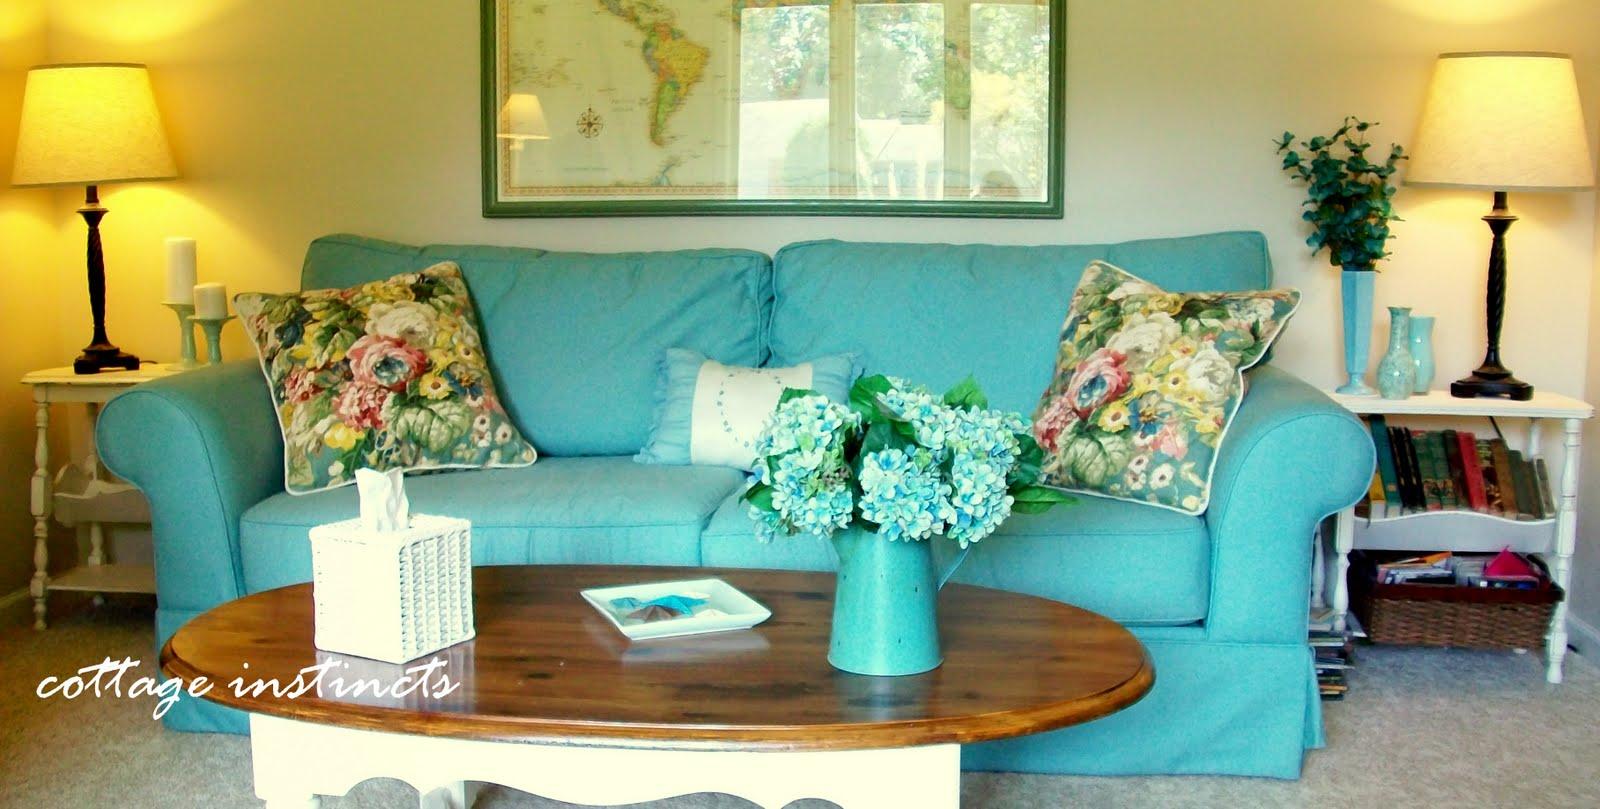 Cottage instincts living room redoer repurpose